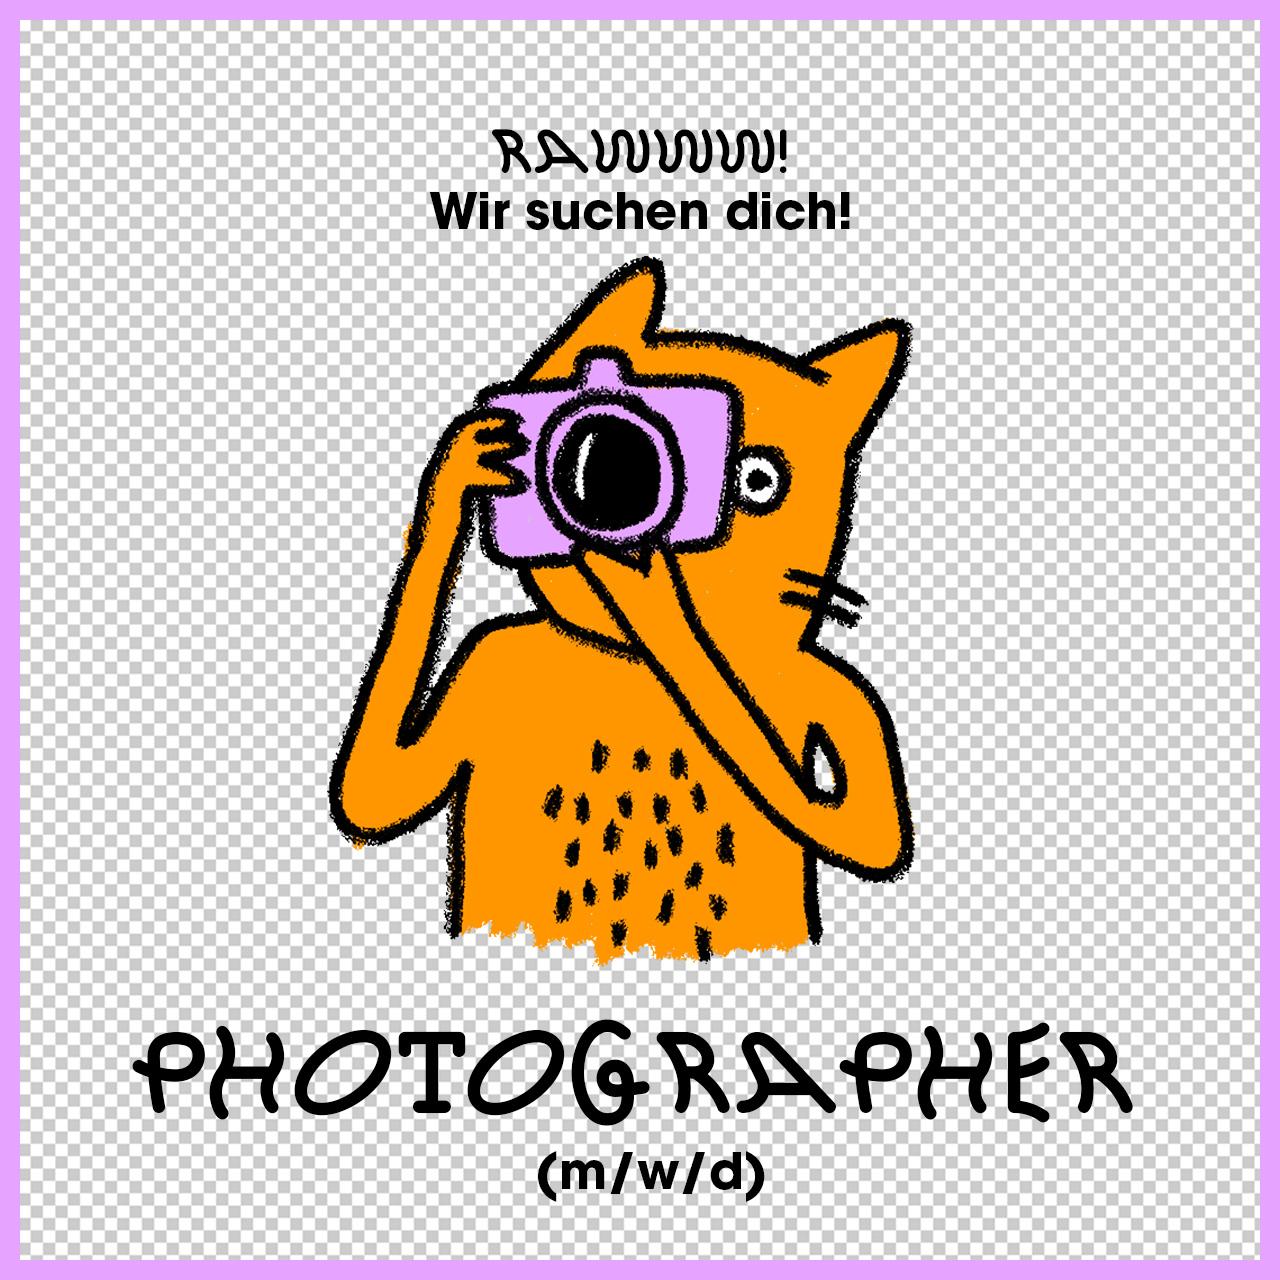 Jobs @ kochstrasse.agency Stellenanzeige / Stellengesuch Photographer (m/w/d)